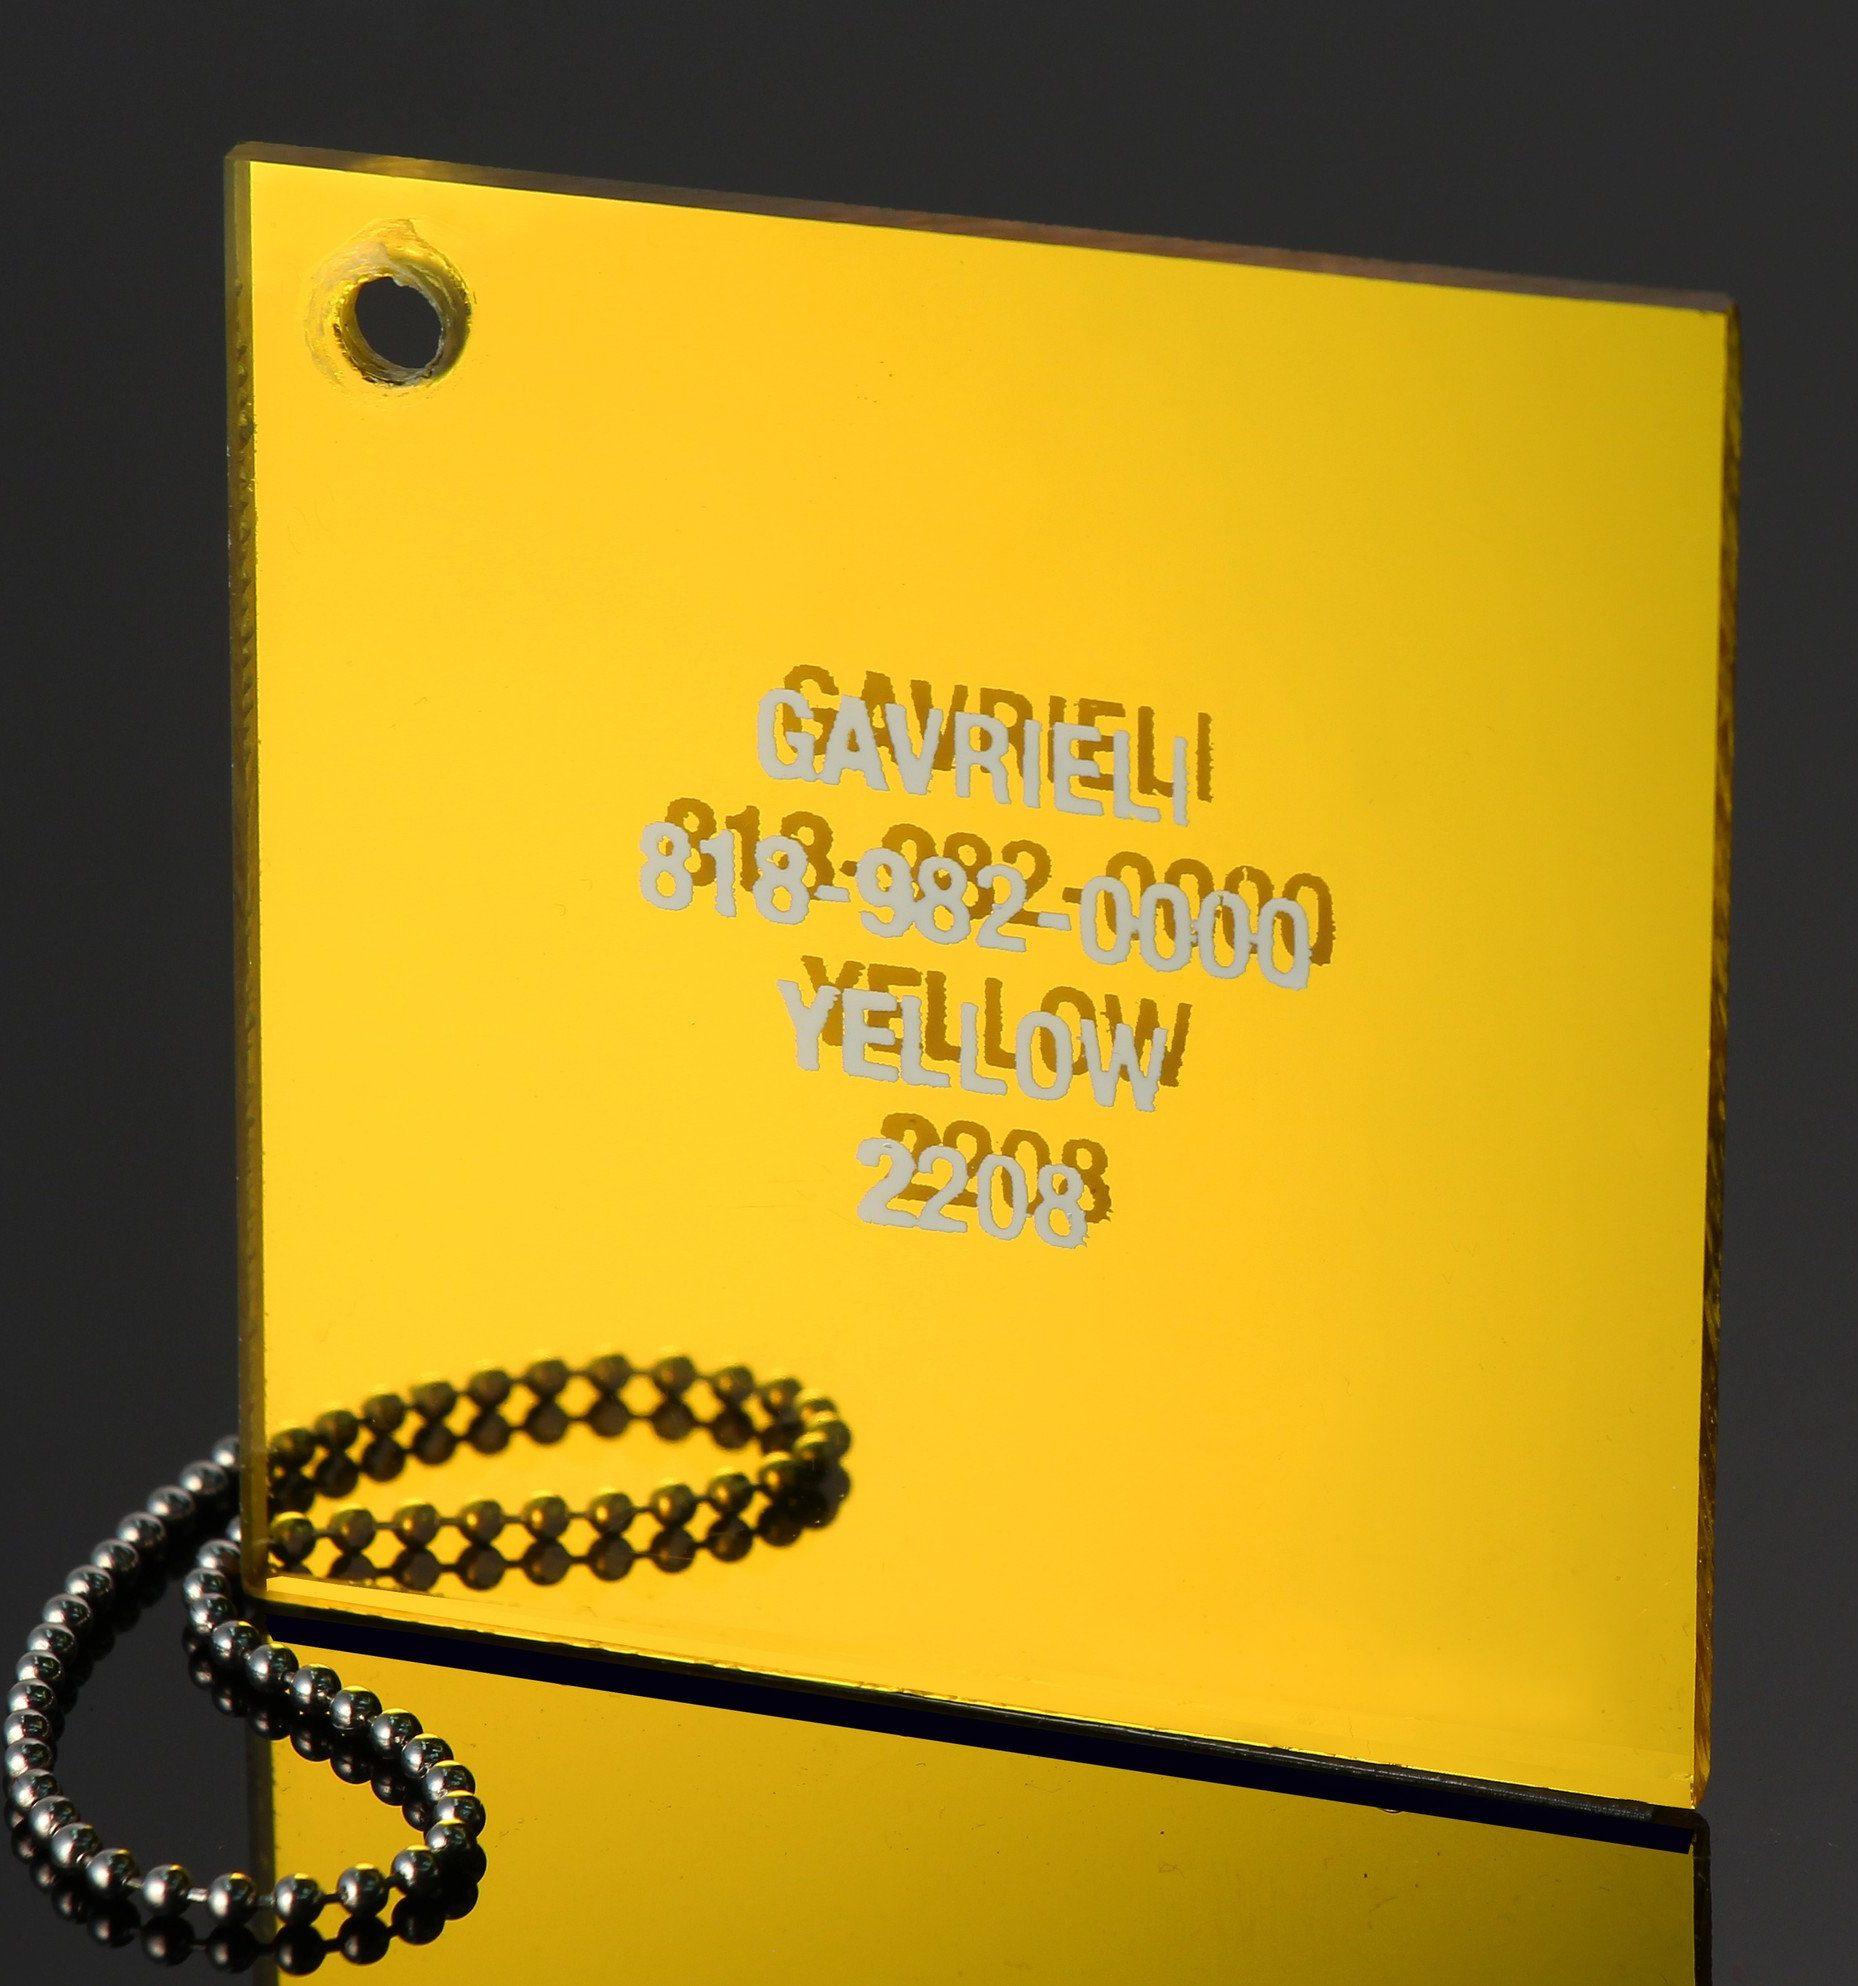 YELLOW 2208